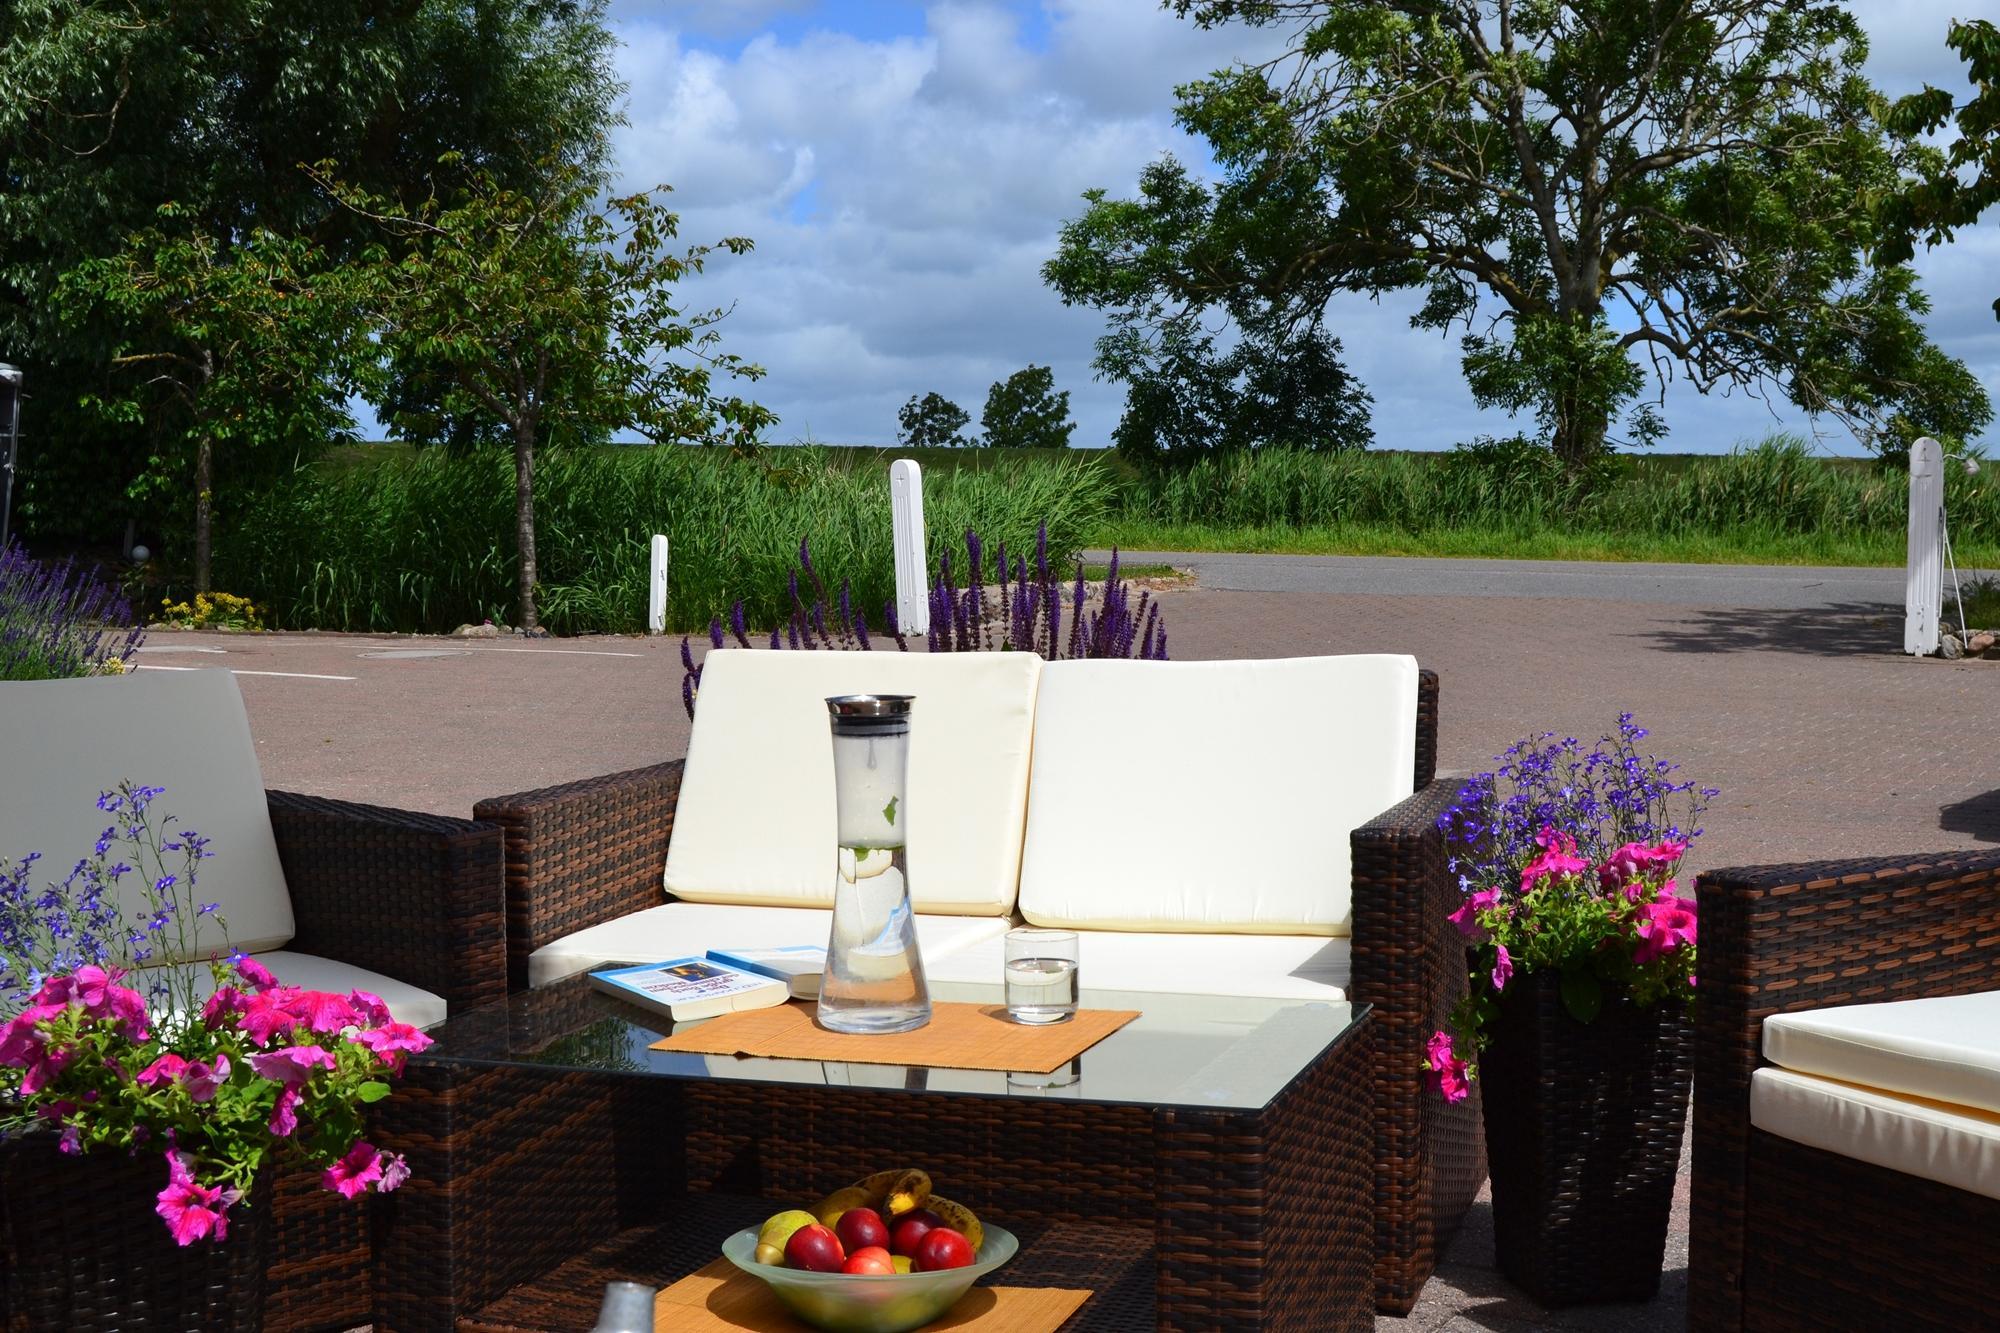 Ferienwohnung nordsee-fewos Obj. 001- Friesland Wohnungen Dagebüll - Anbieter Judith Lorenz